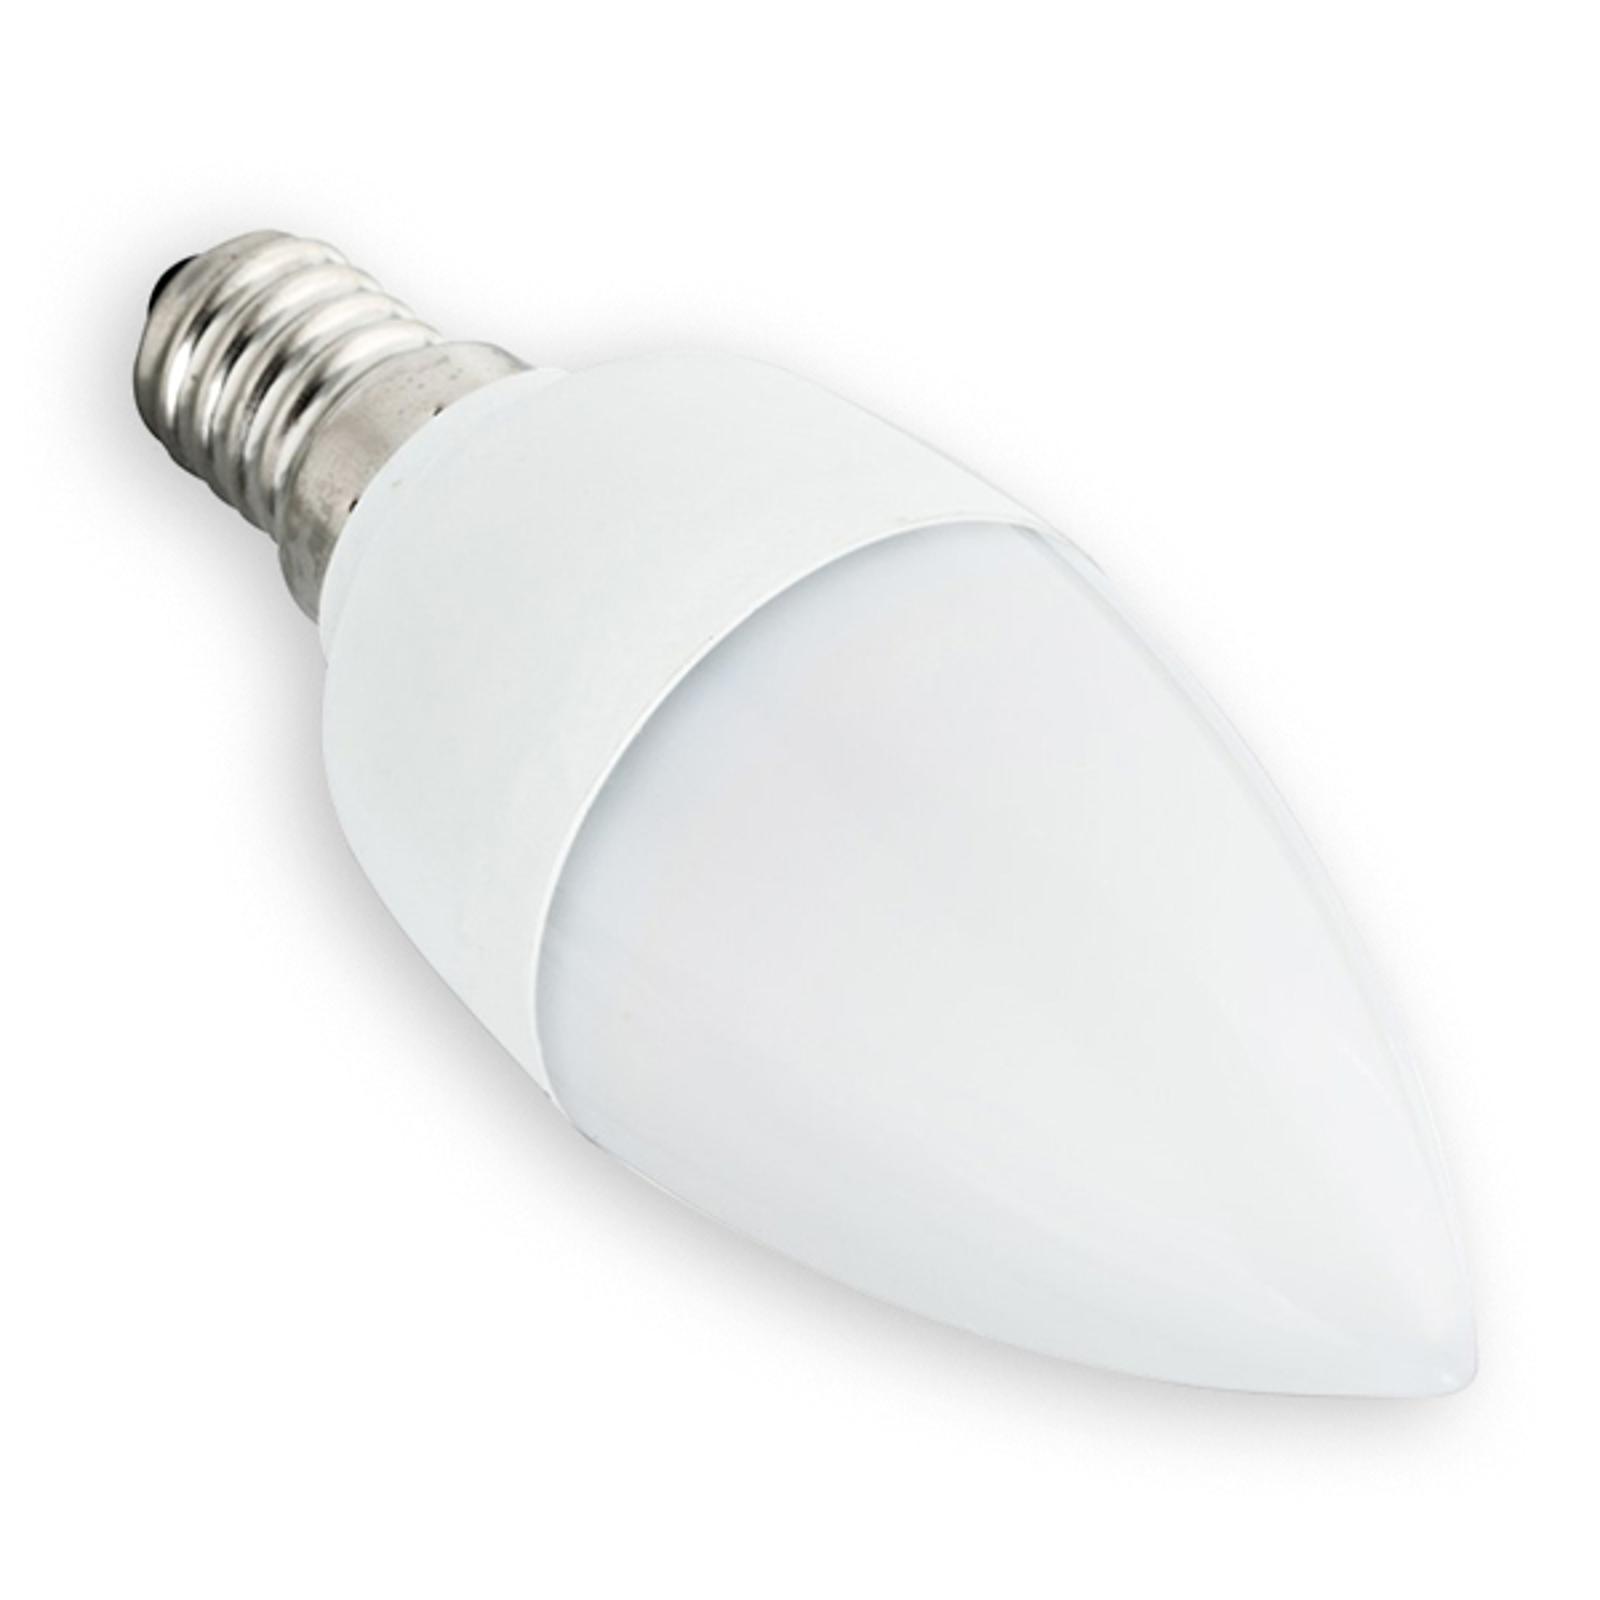 LED-Kerzenlampe E14 5,5W 927 matt dimmbar